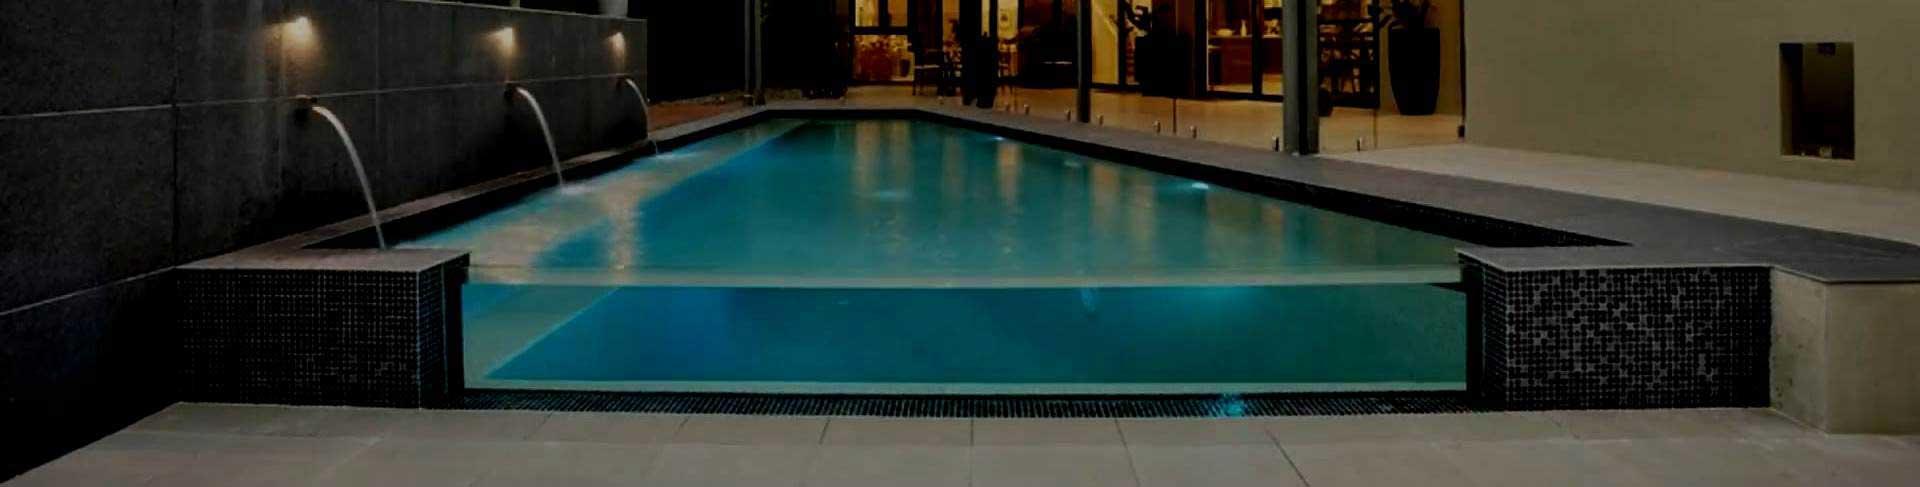 Construcci n de piscinas vintage obras espa a for Coste construccion piscina